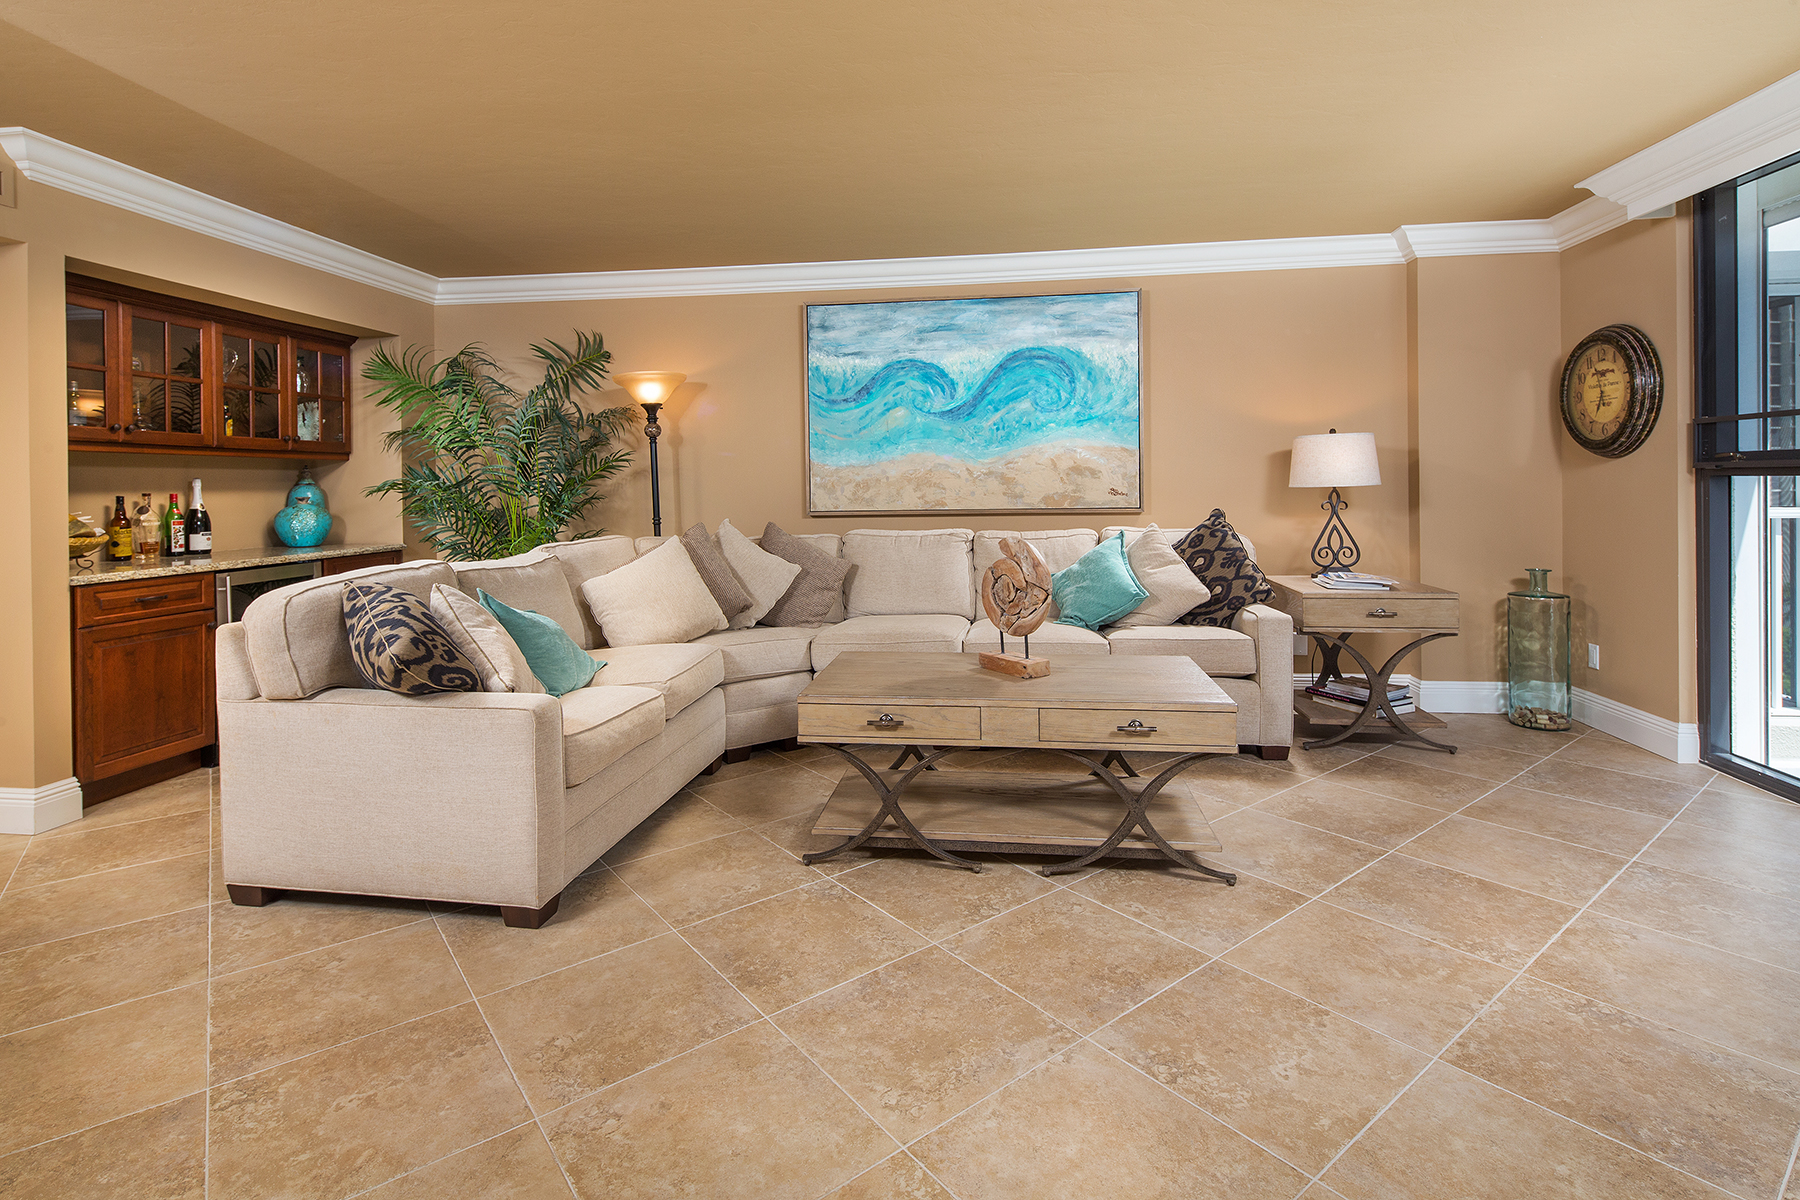 Condomínio para Venda às PARK SHORE - MONACO BEACH CLUB 4401 Gulf Shore Blvd N 1006 Naples, Florida, 34103 Estados Unidos